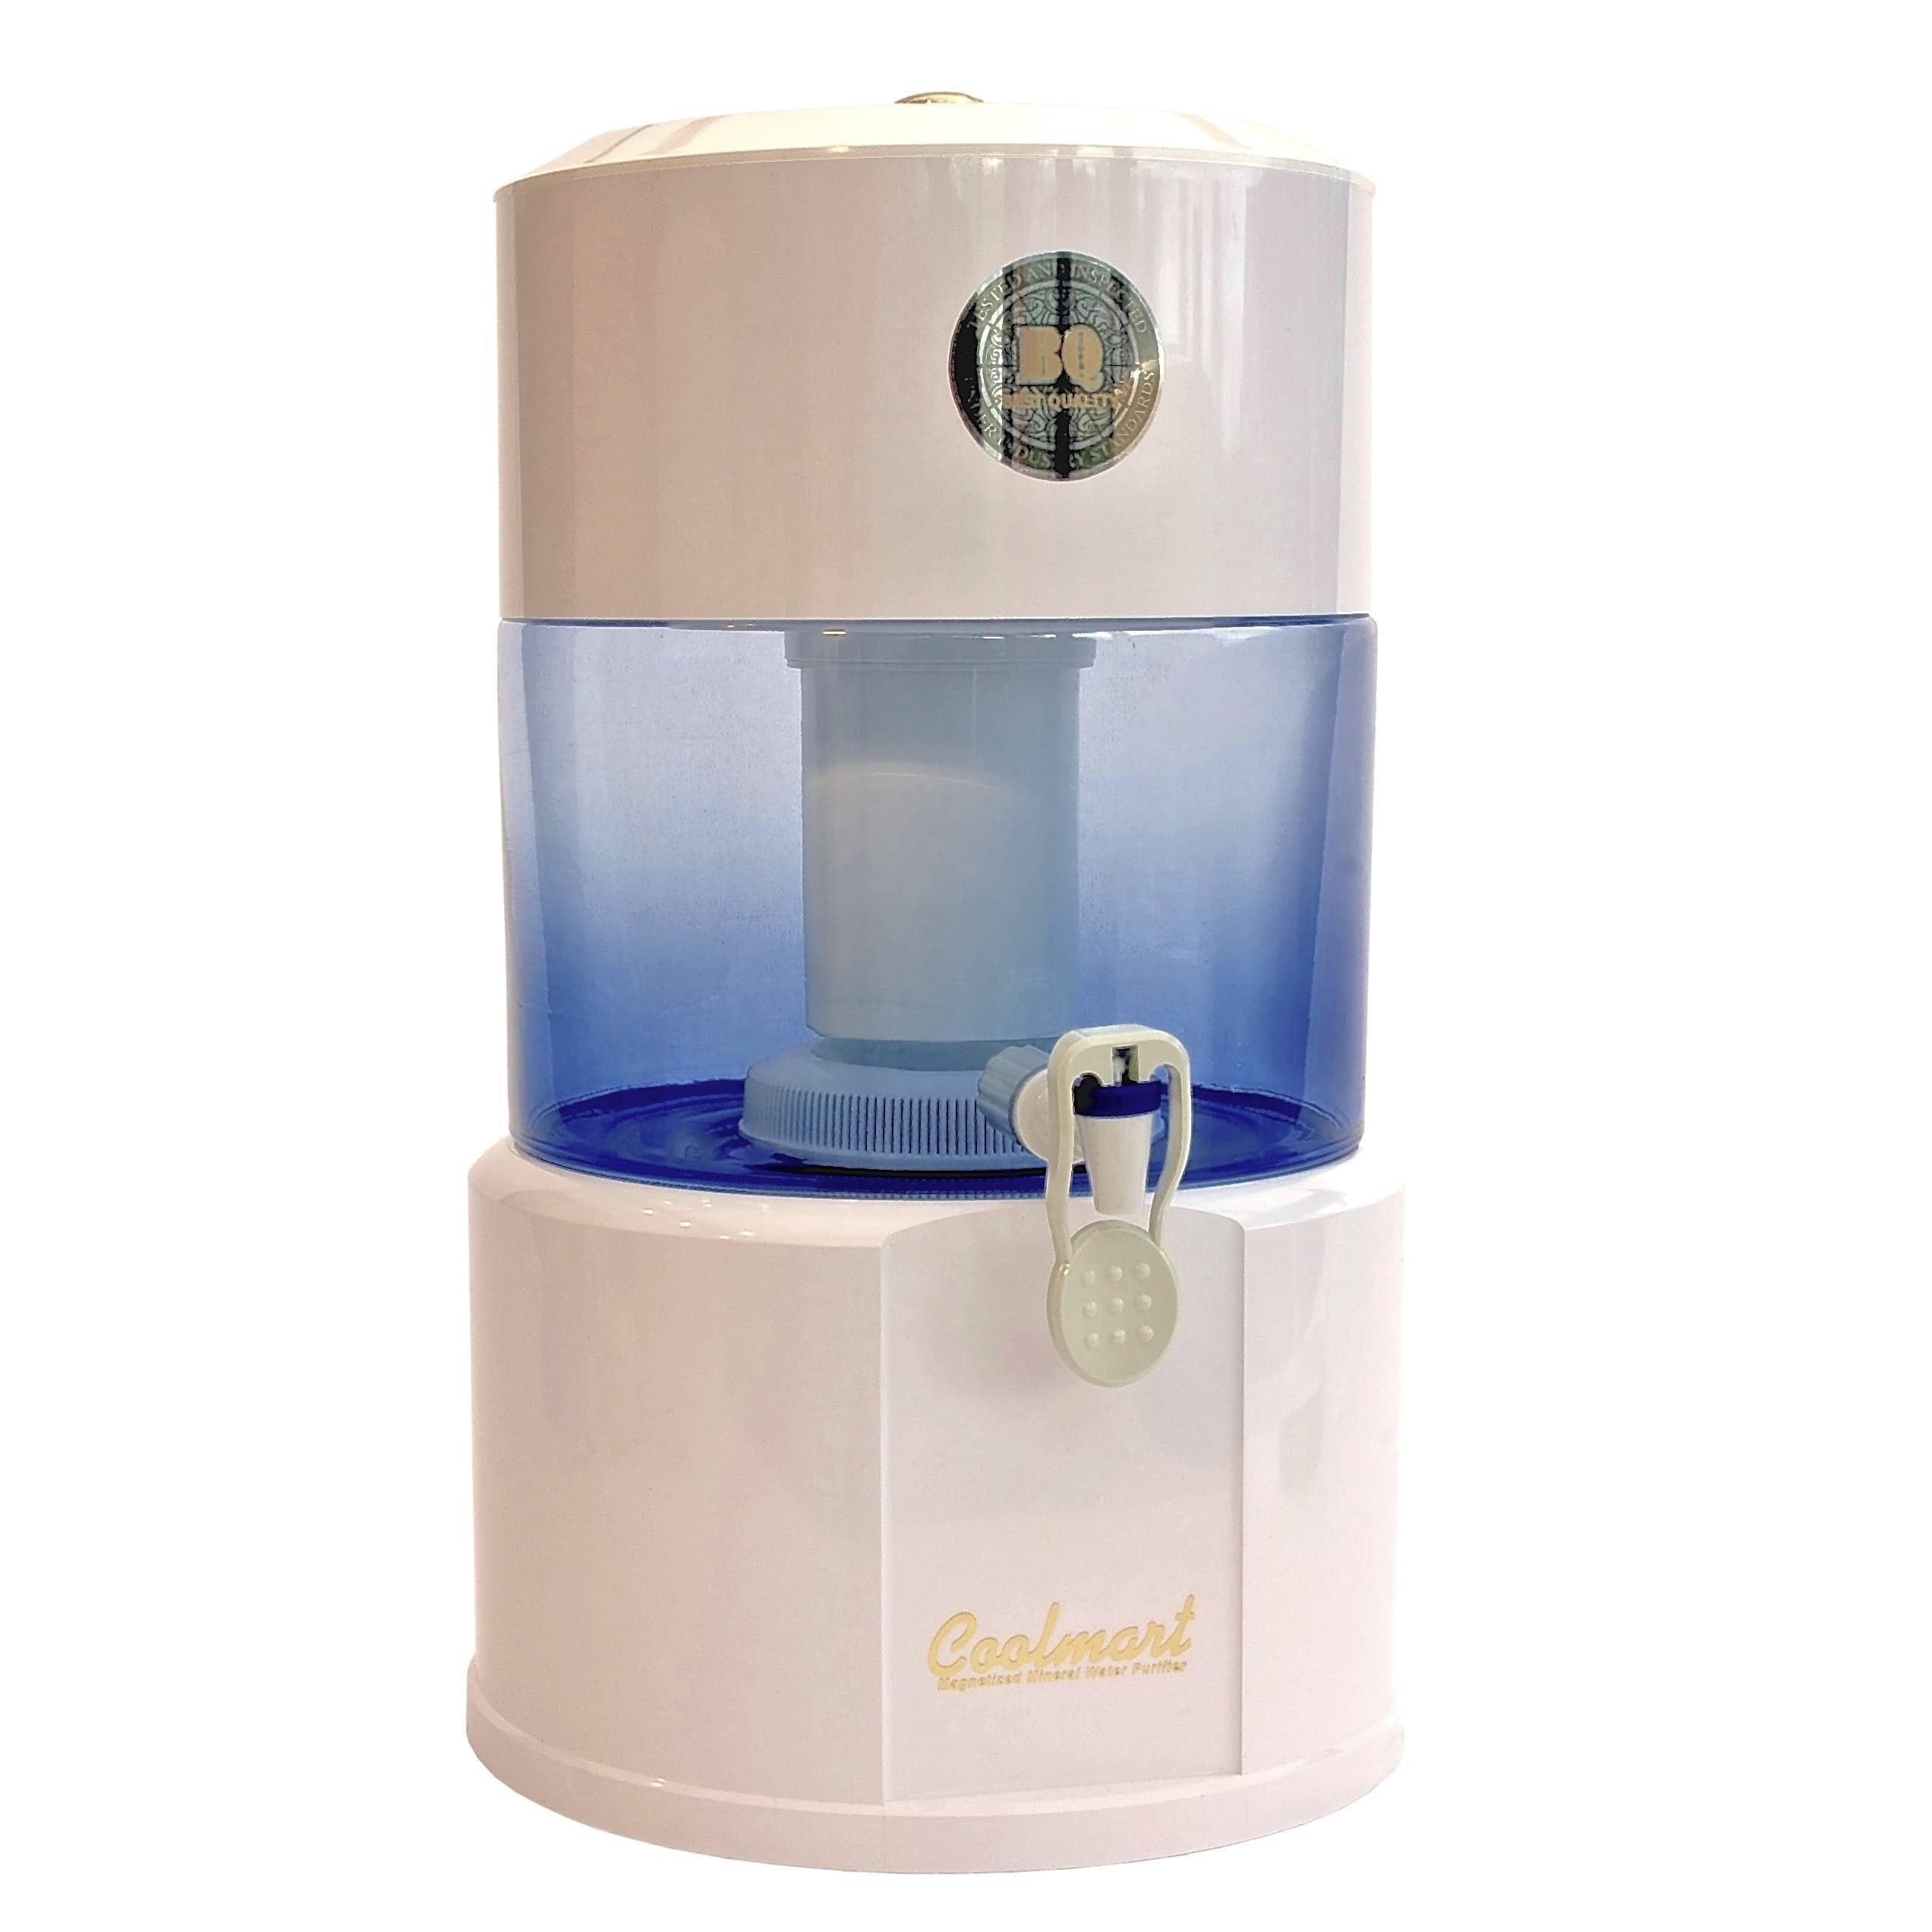 Fontaine Deau Potable Coolmart Cm 101 Verre Le Filtre De Doonam